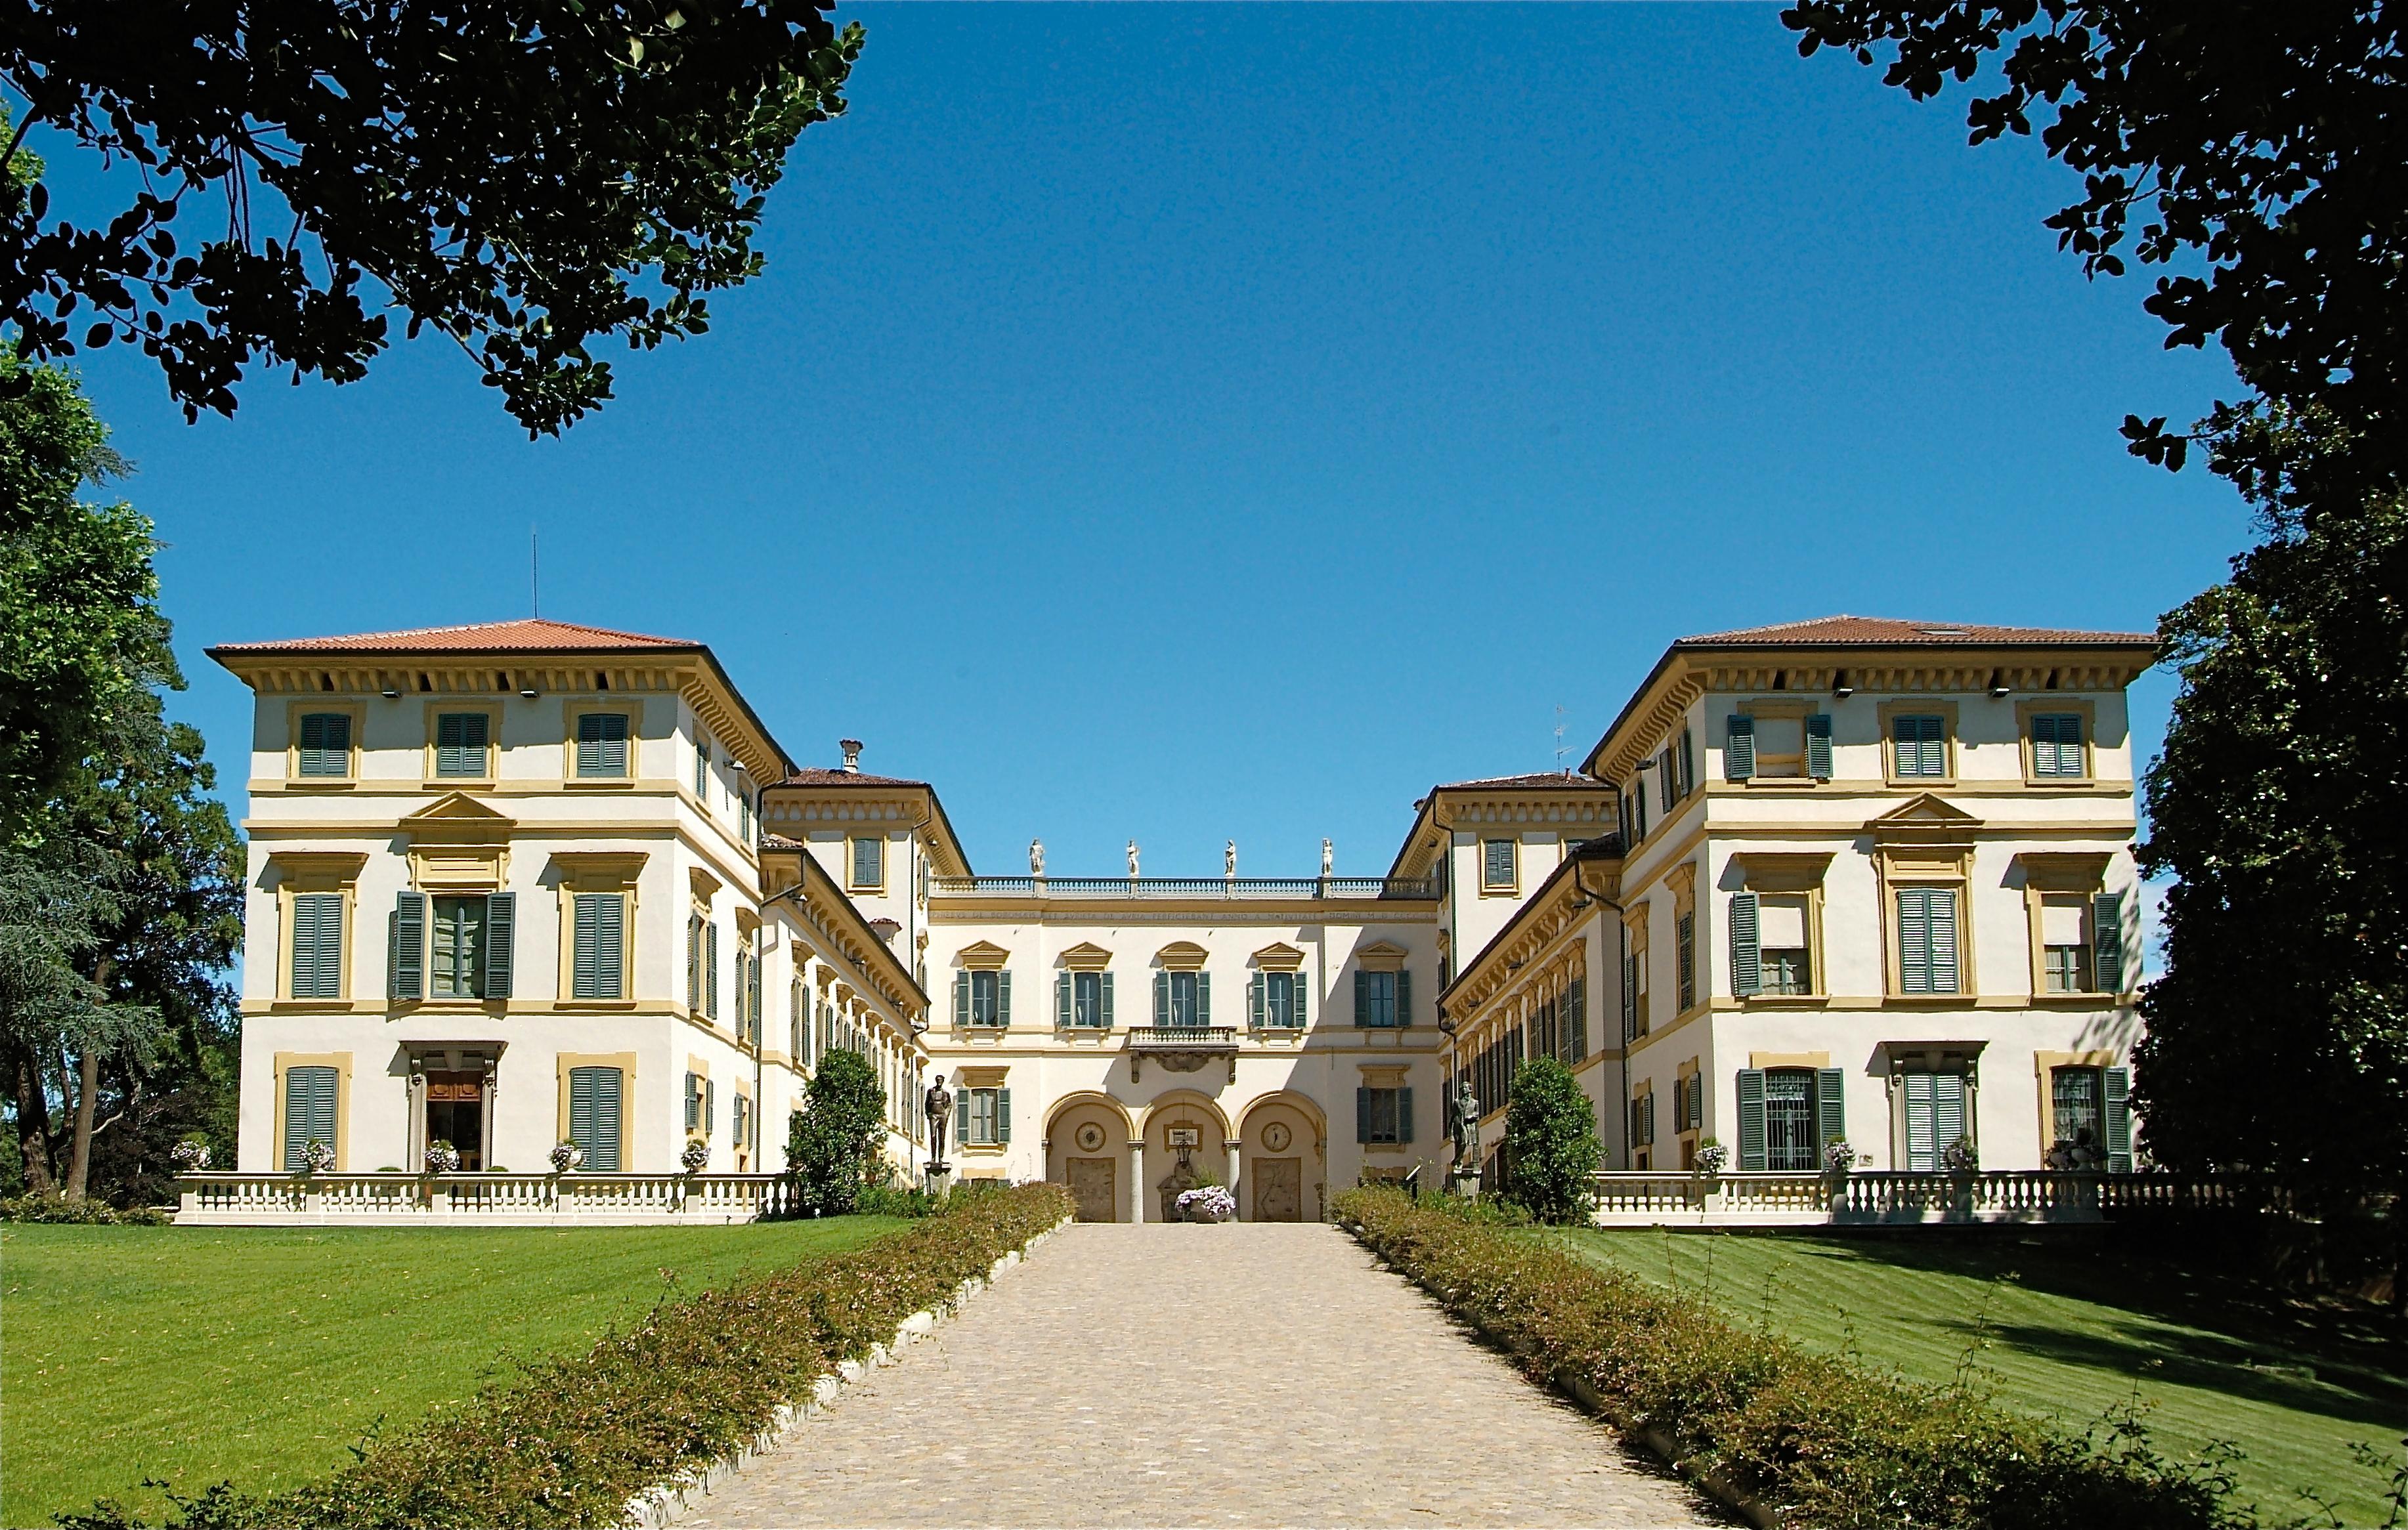 Hotel San Carlo Maba